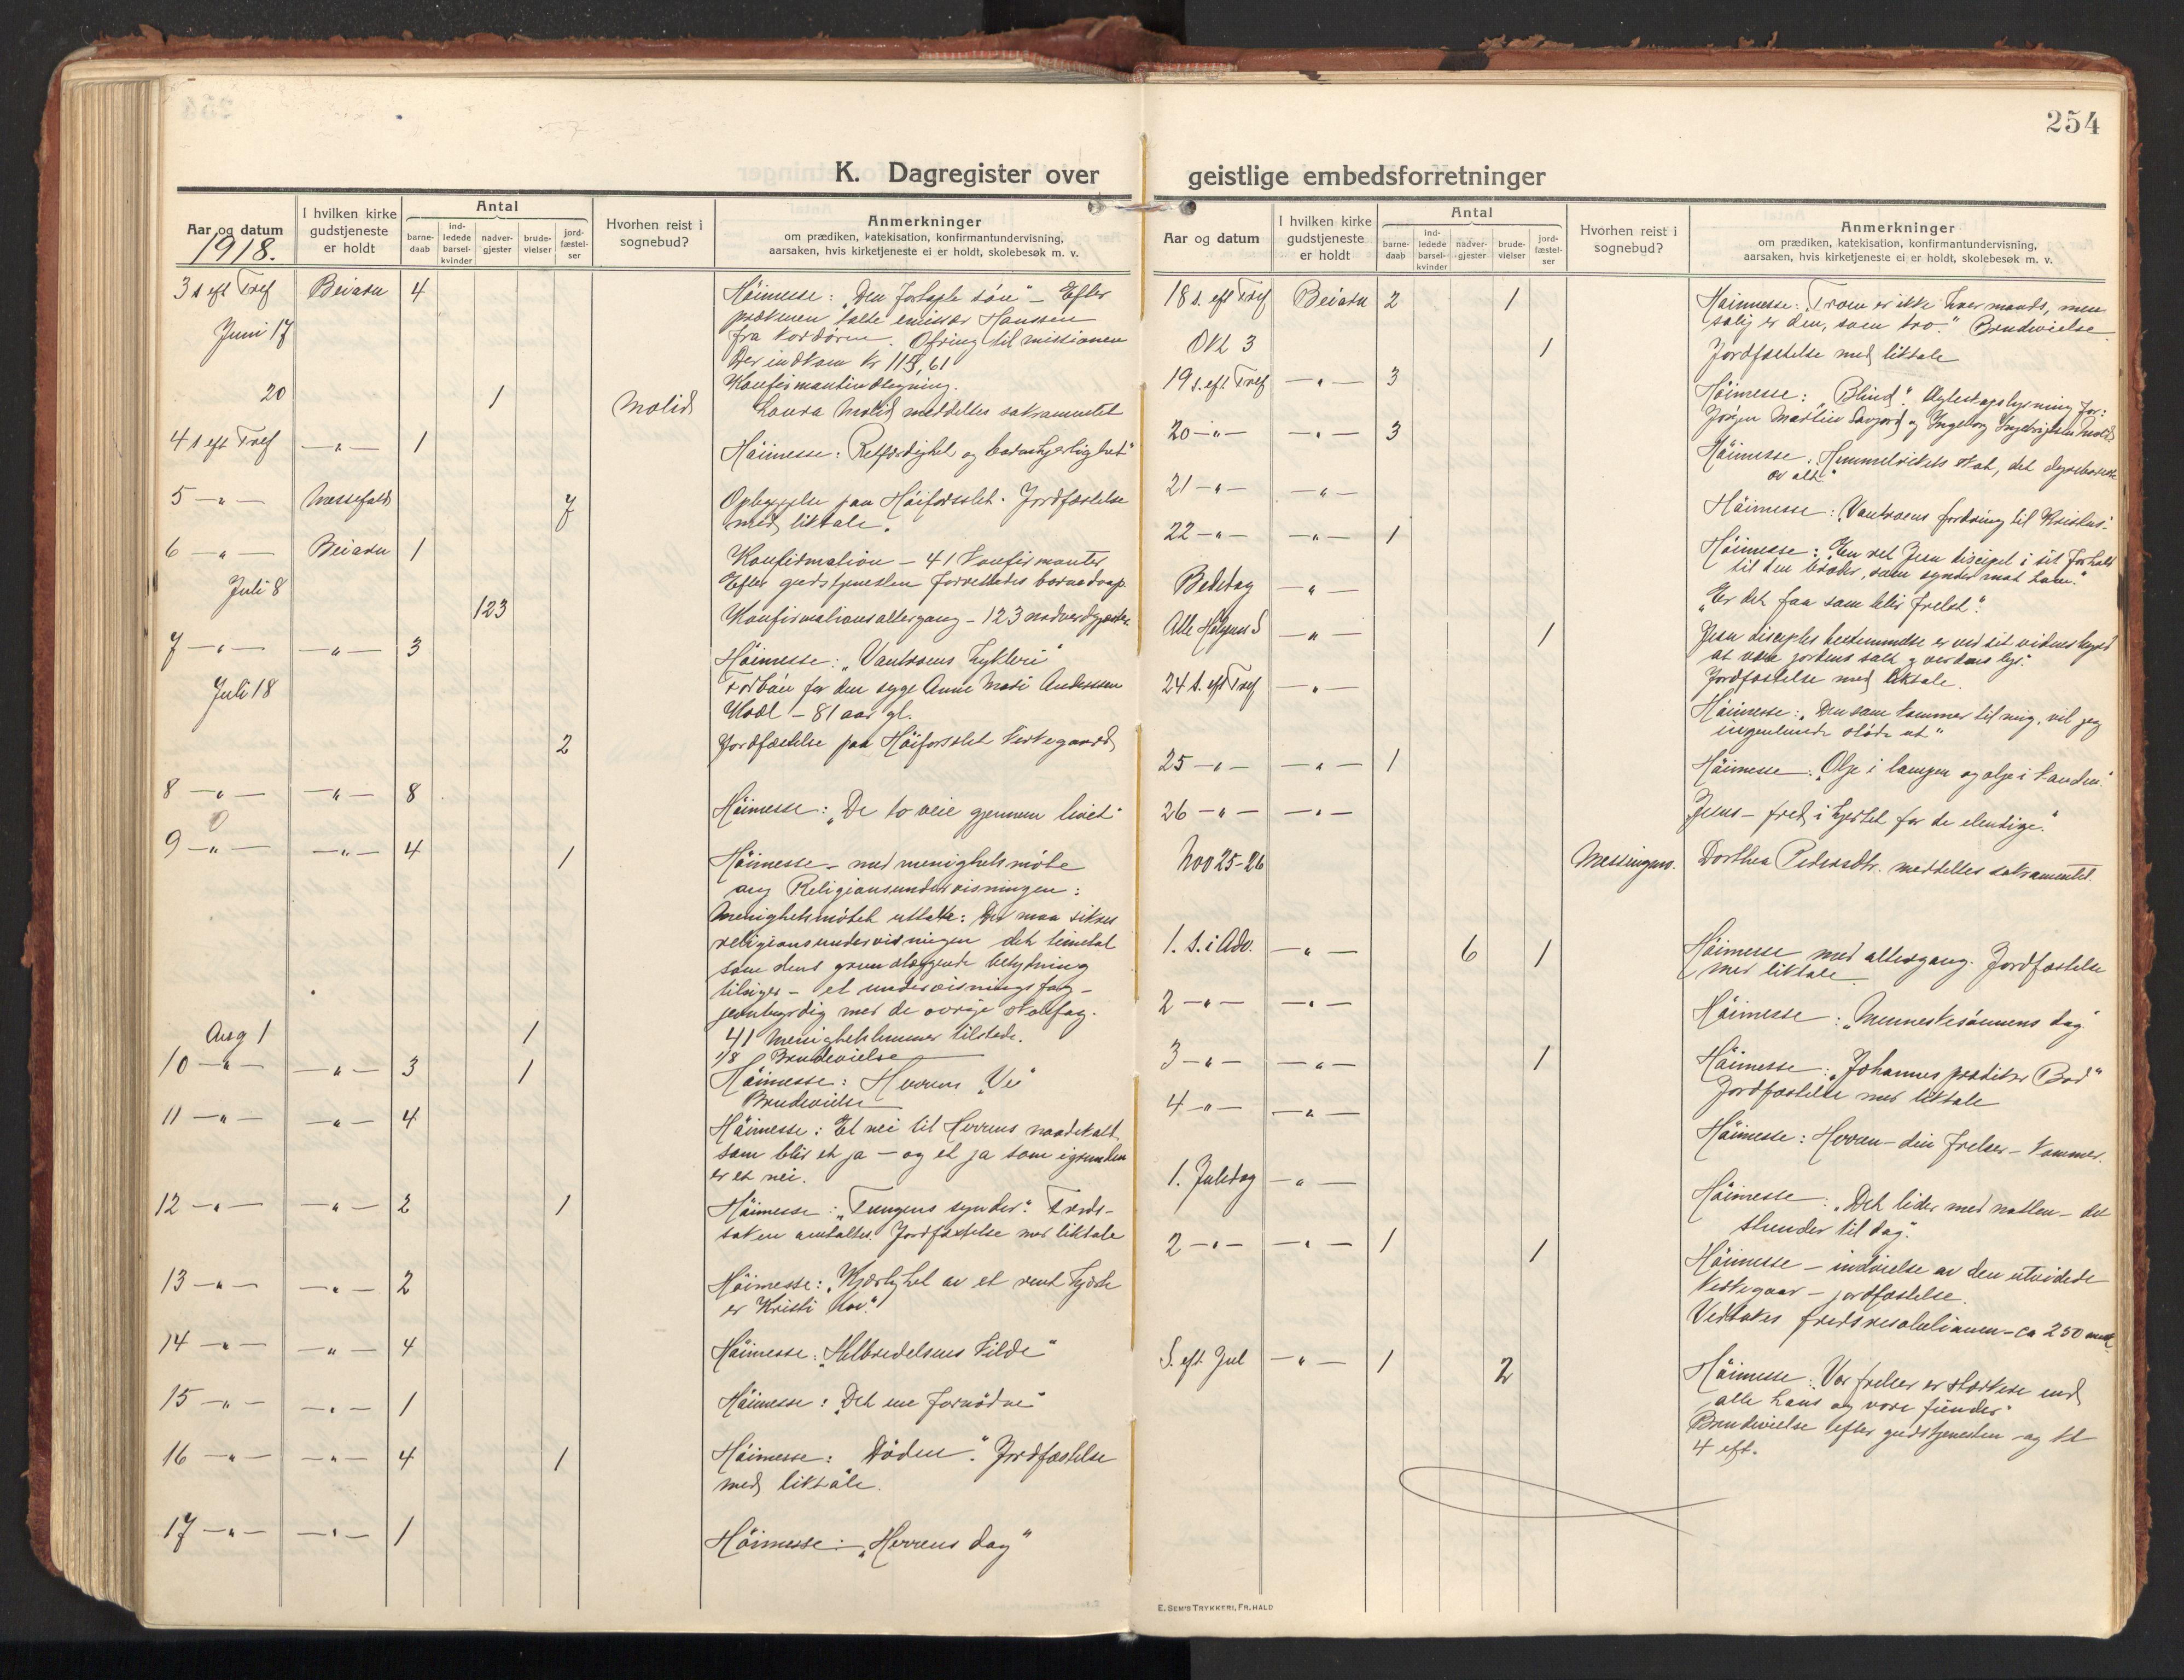 SAT, Ministerialprotokoller, klokkerbøker og fødselsregistre - Nordland, 846/L0650: Parish register (official) no. 846A08, 1916-1935, p. 254